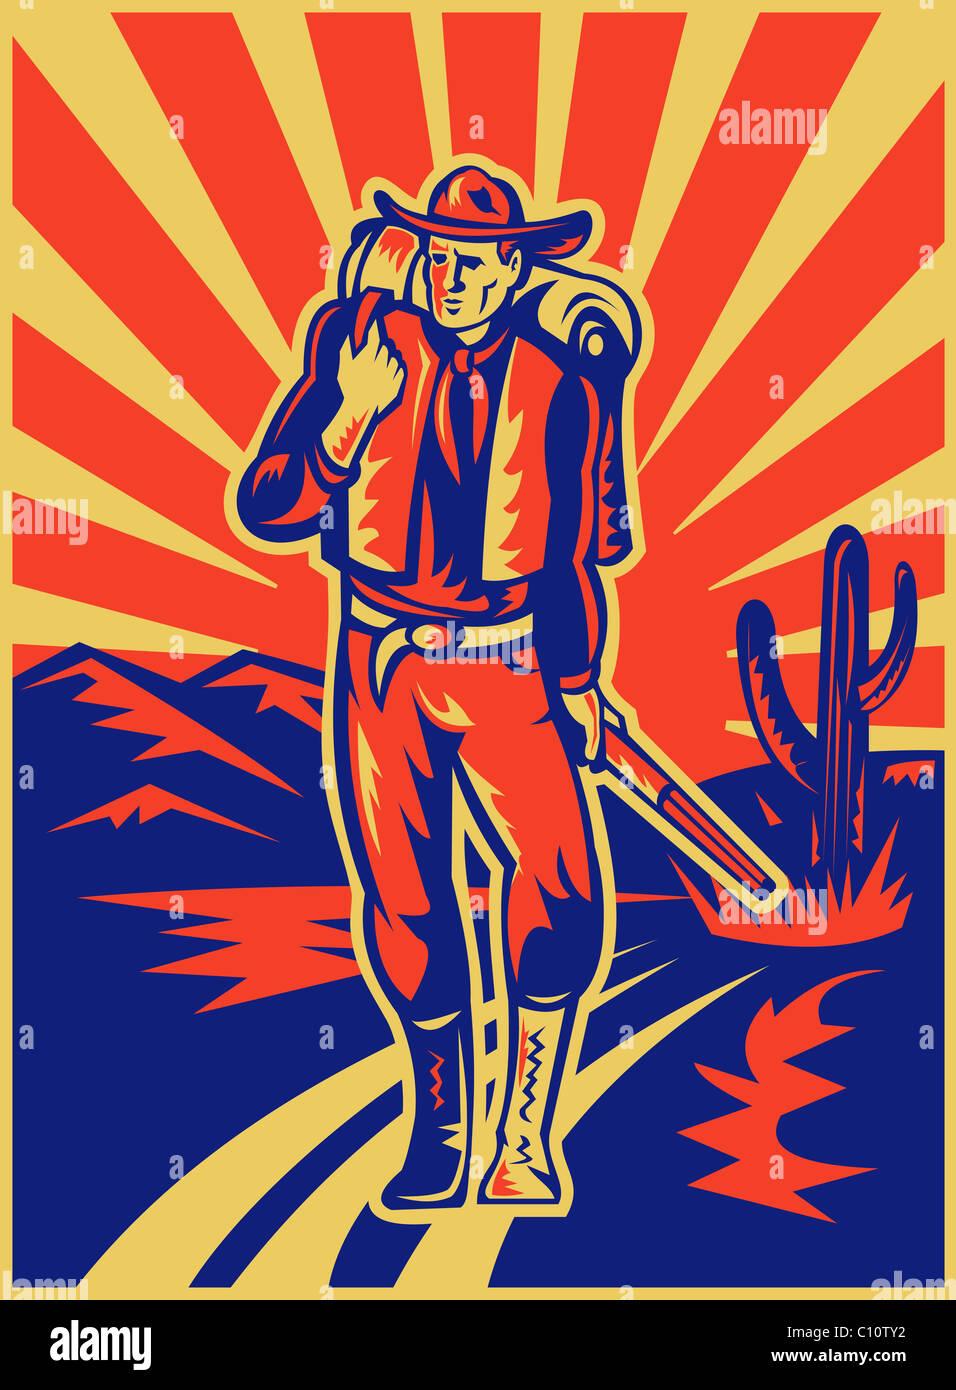 Retro-Stil Abbildung eines Cowboys mit Rucksack und Gewehr zu Fuß mit Wüstenberge und Kaktus im Hintergrund Stockfoto